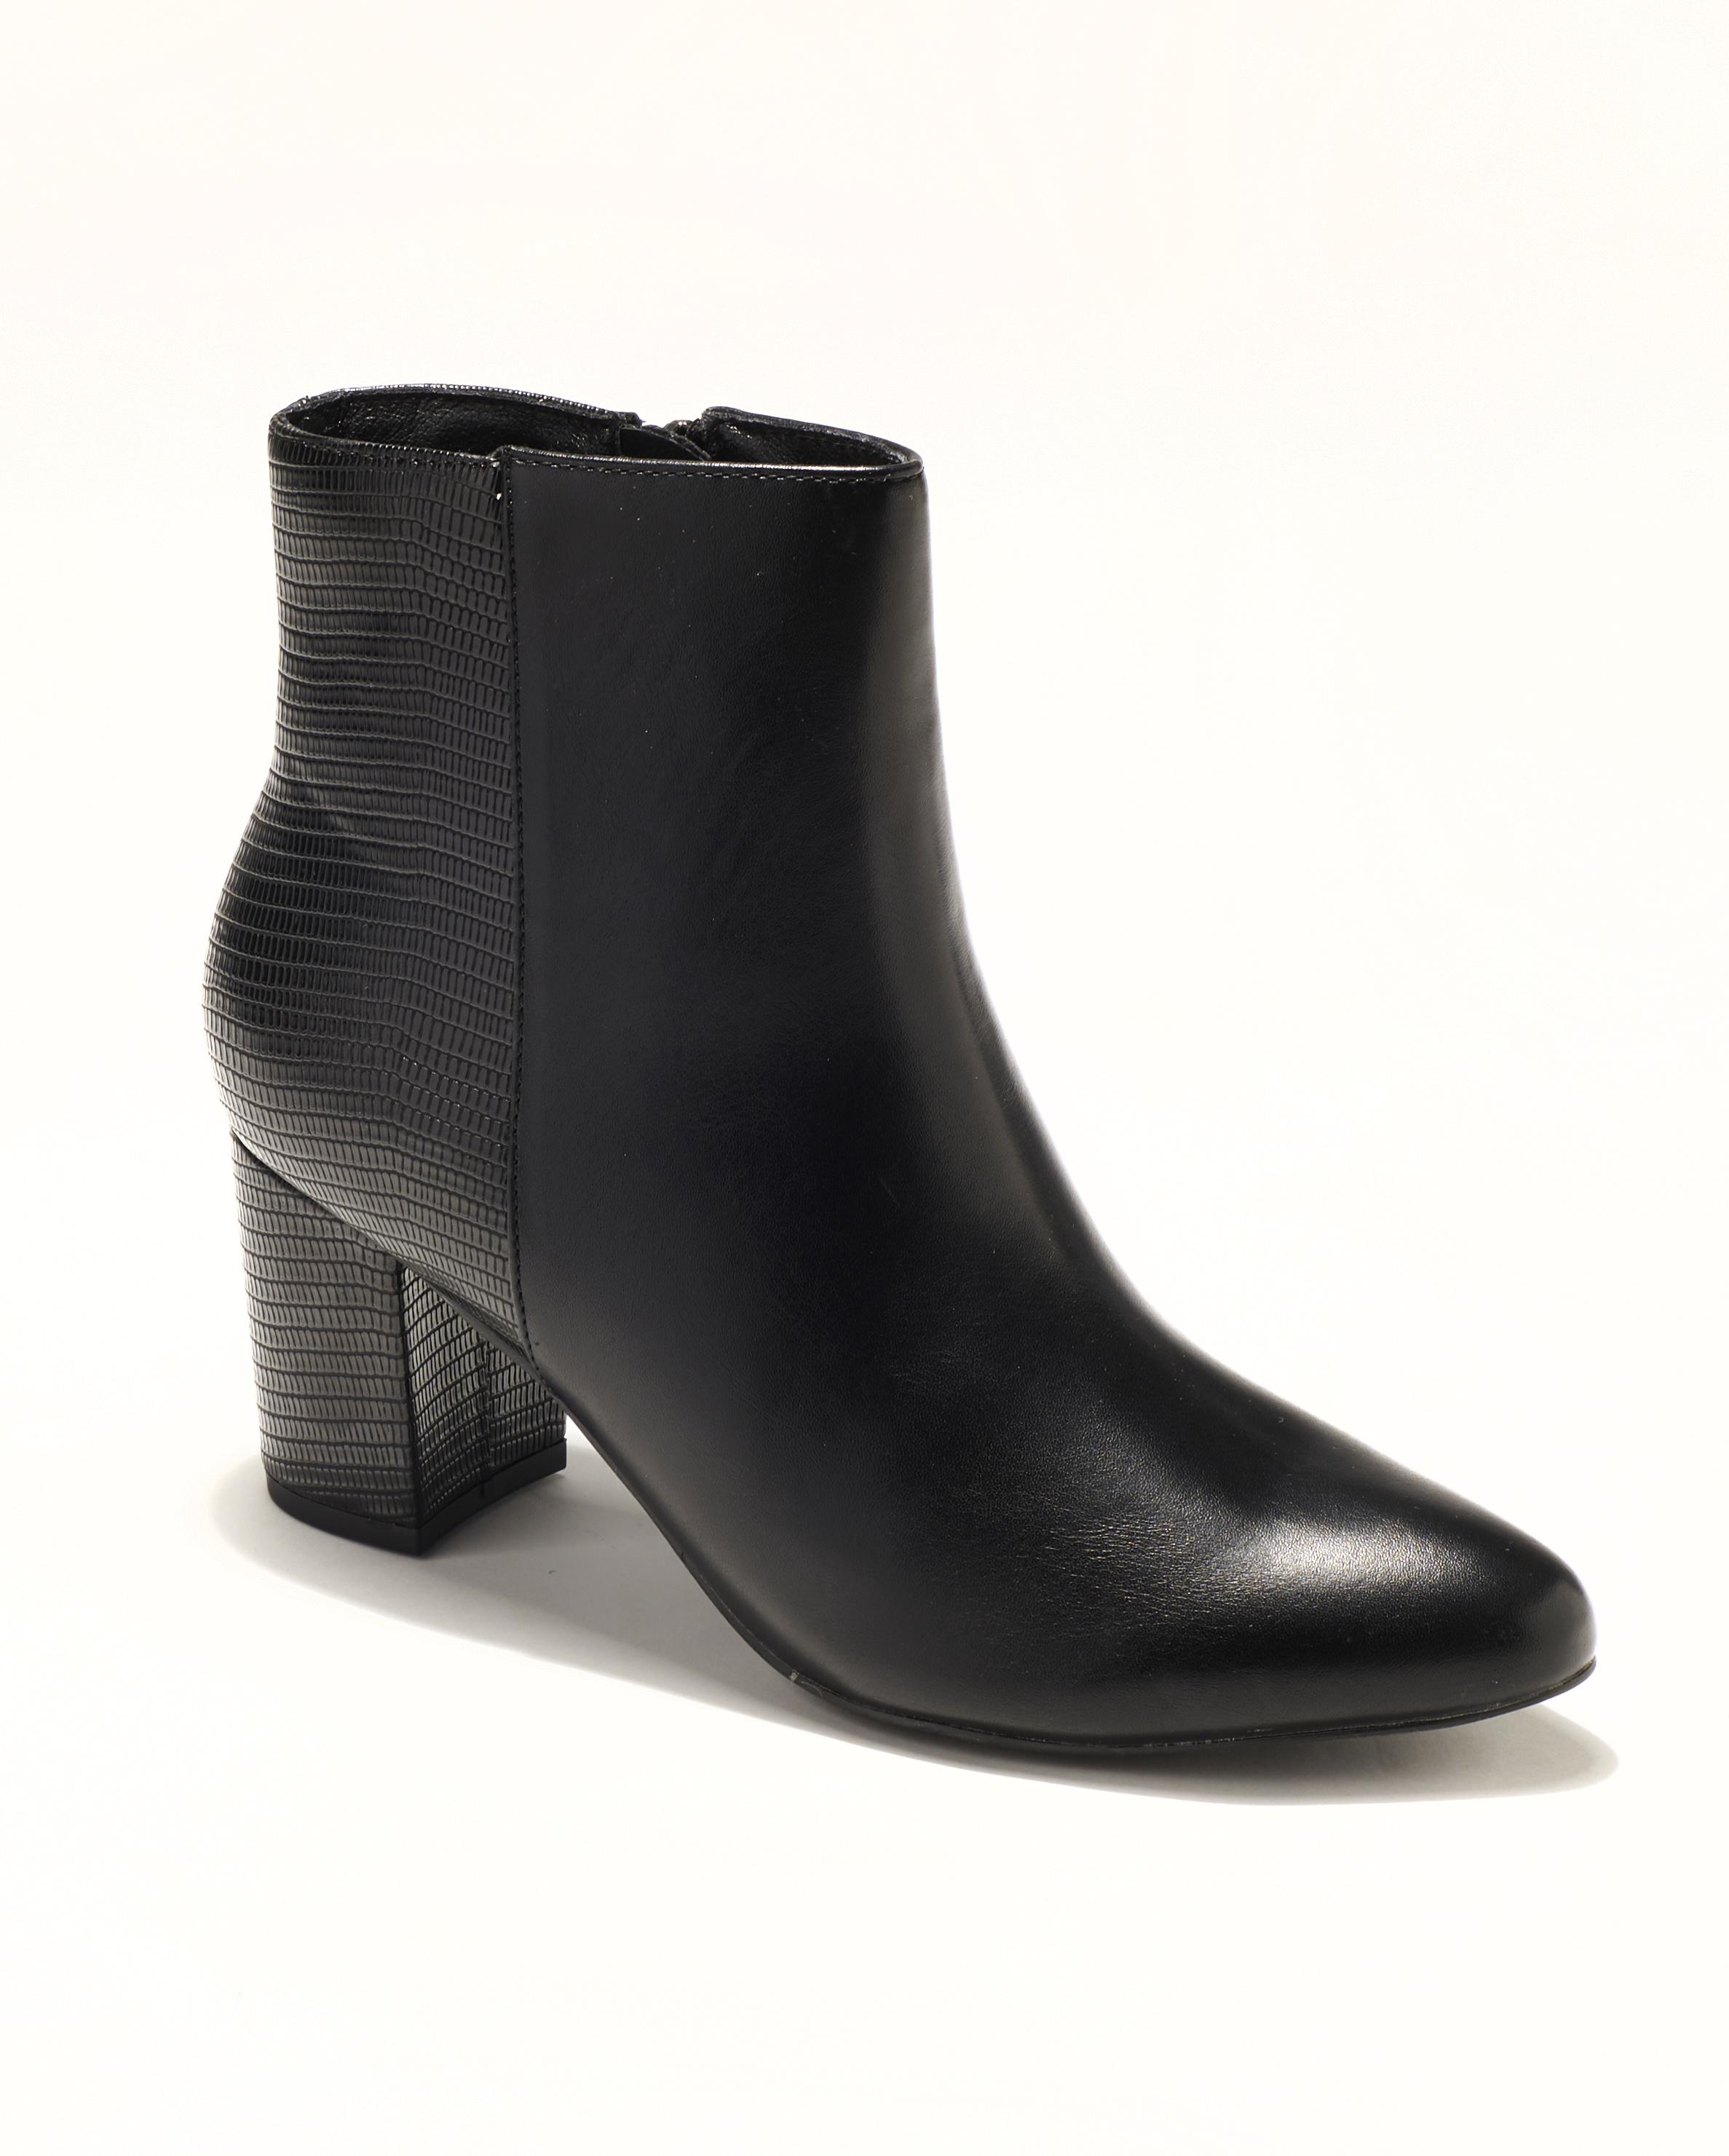 Boots Femme - Boots Noir Jina - Rv2776